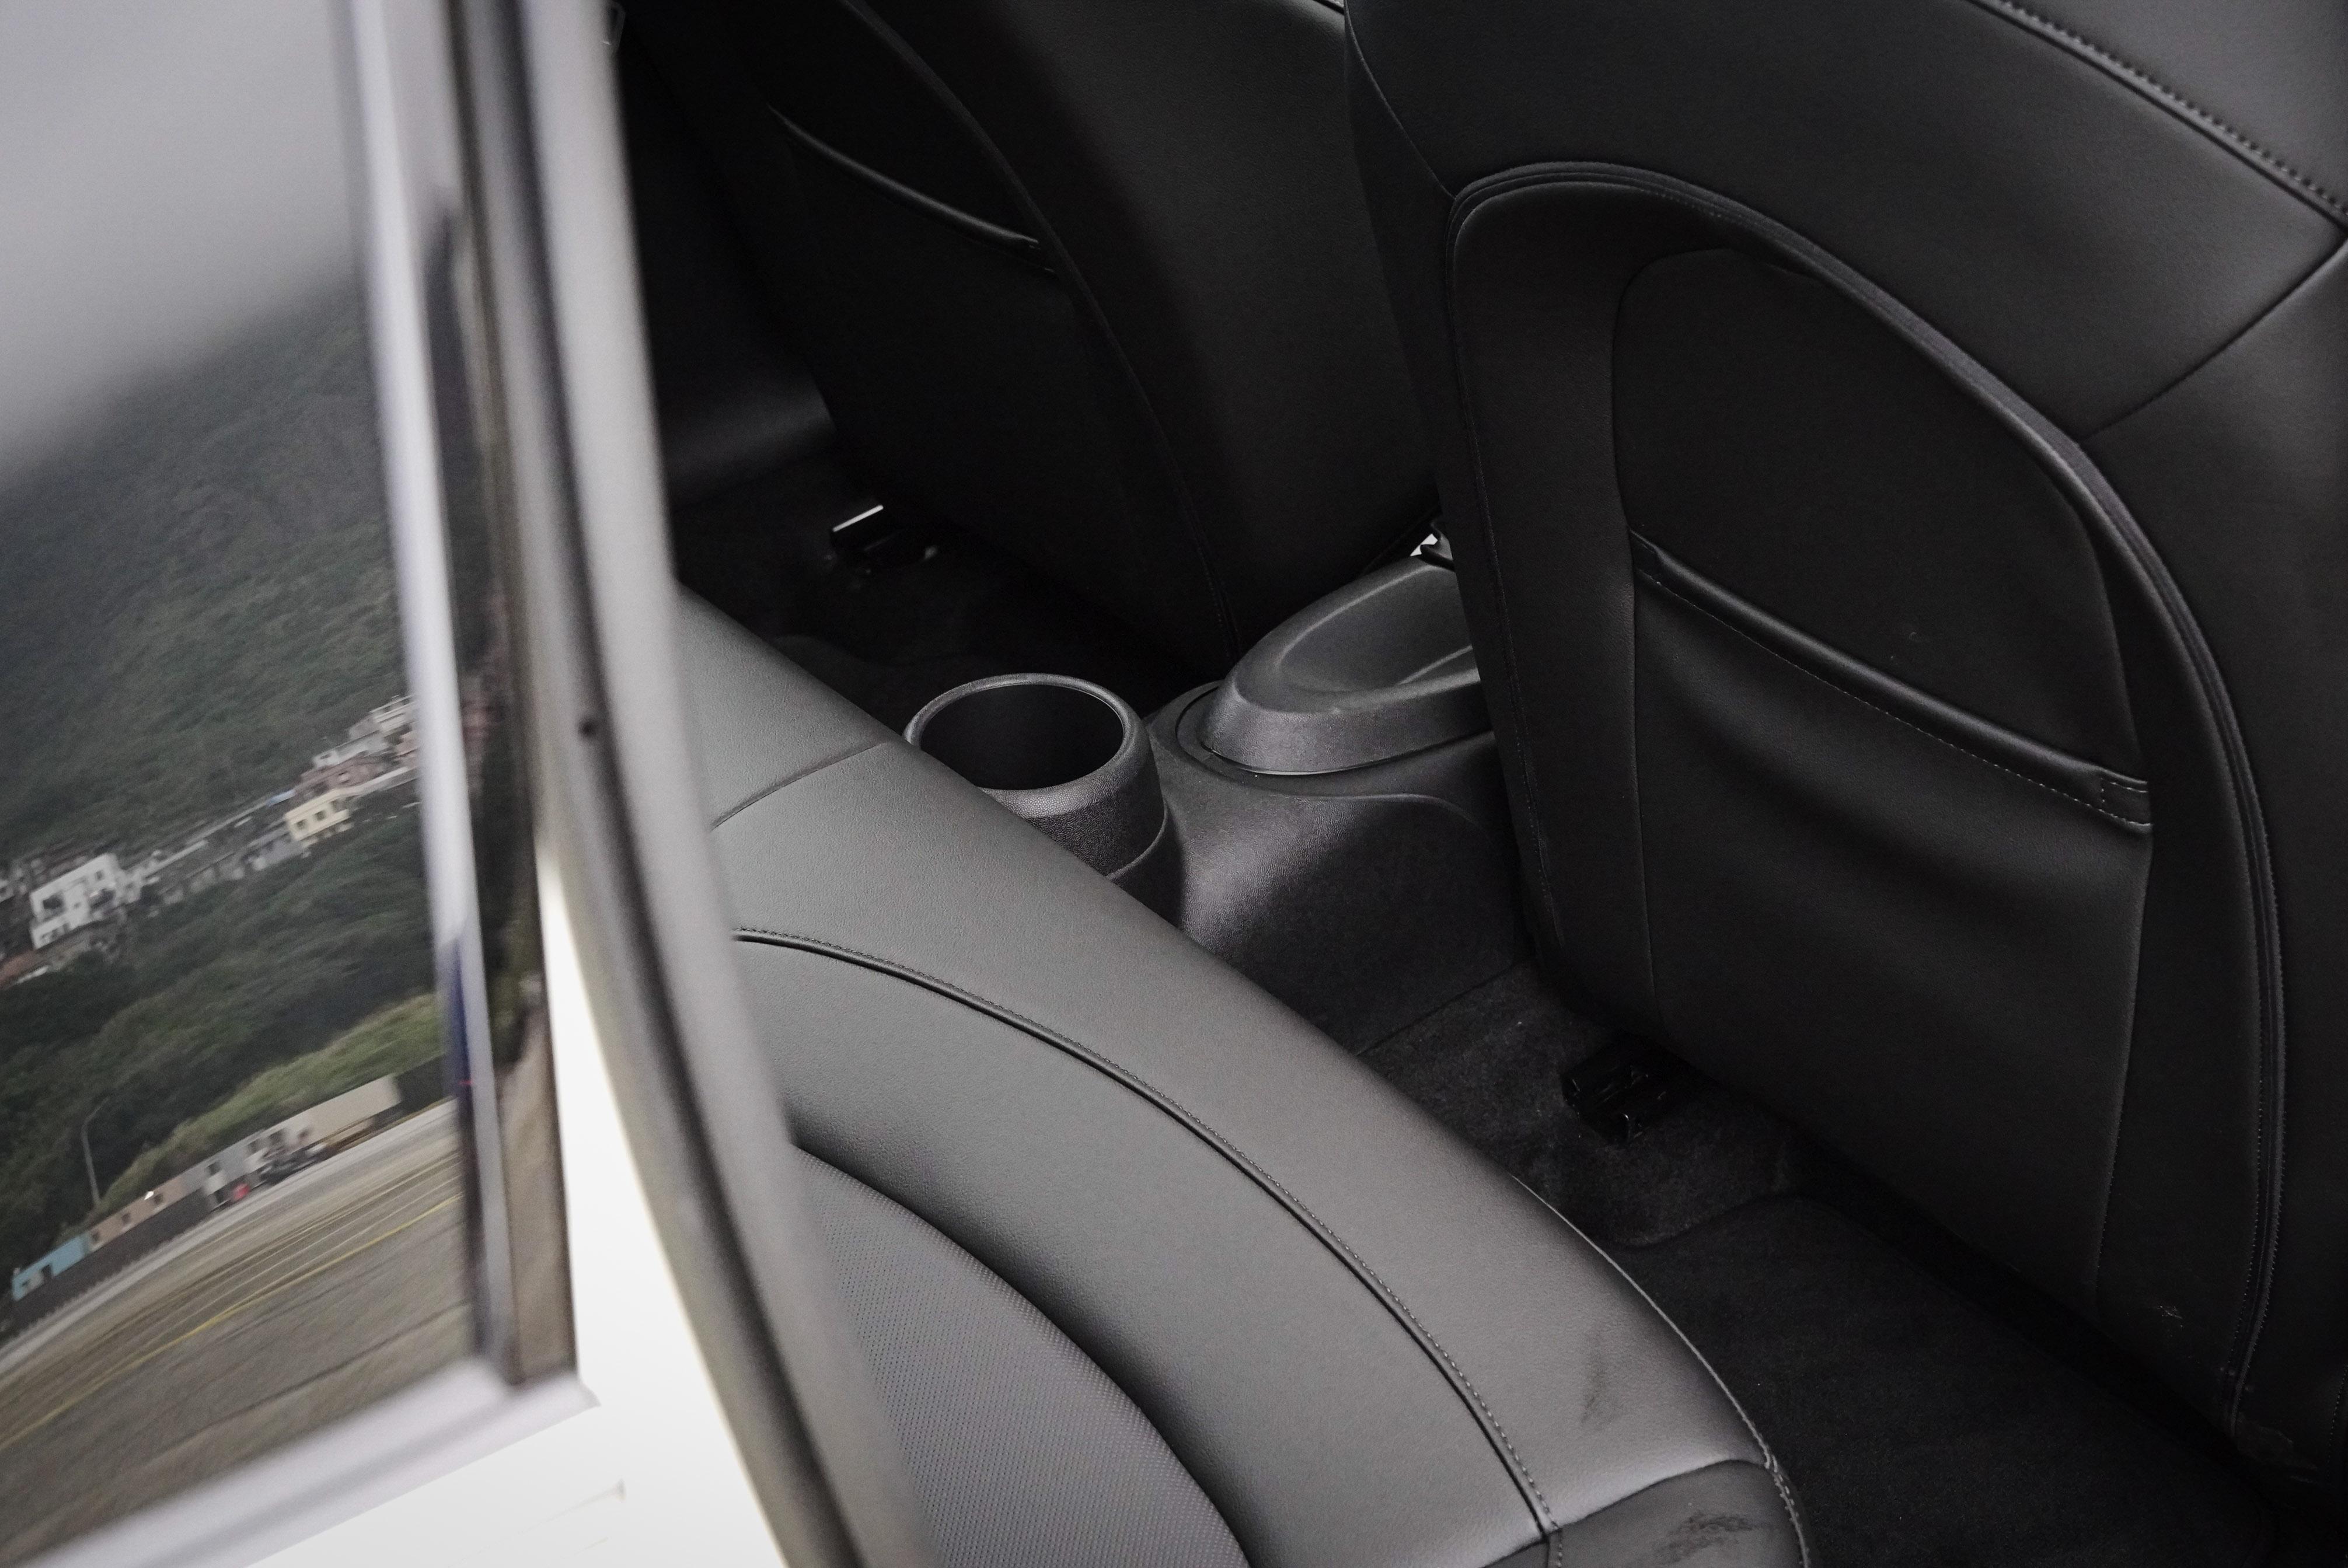 中央隆起以及置杯架,讓中間乘客舒適打了折扣。